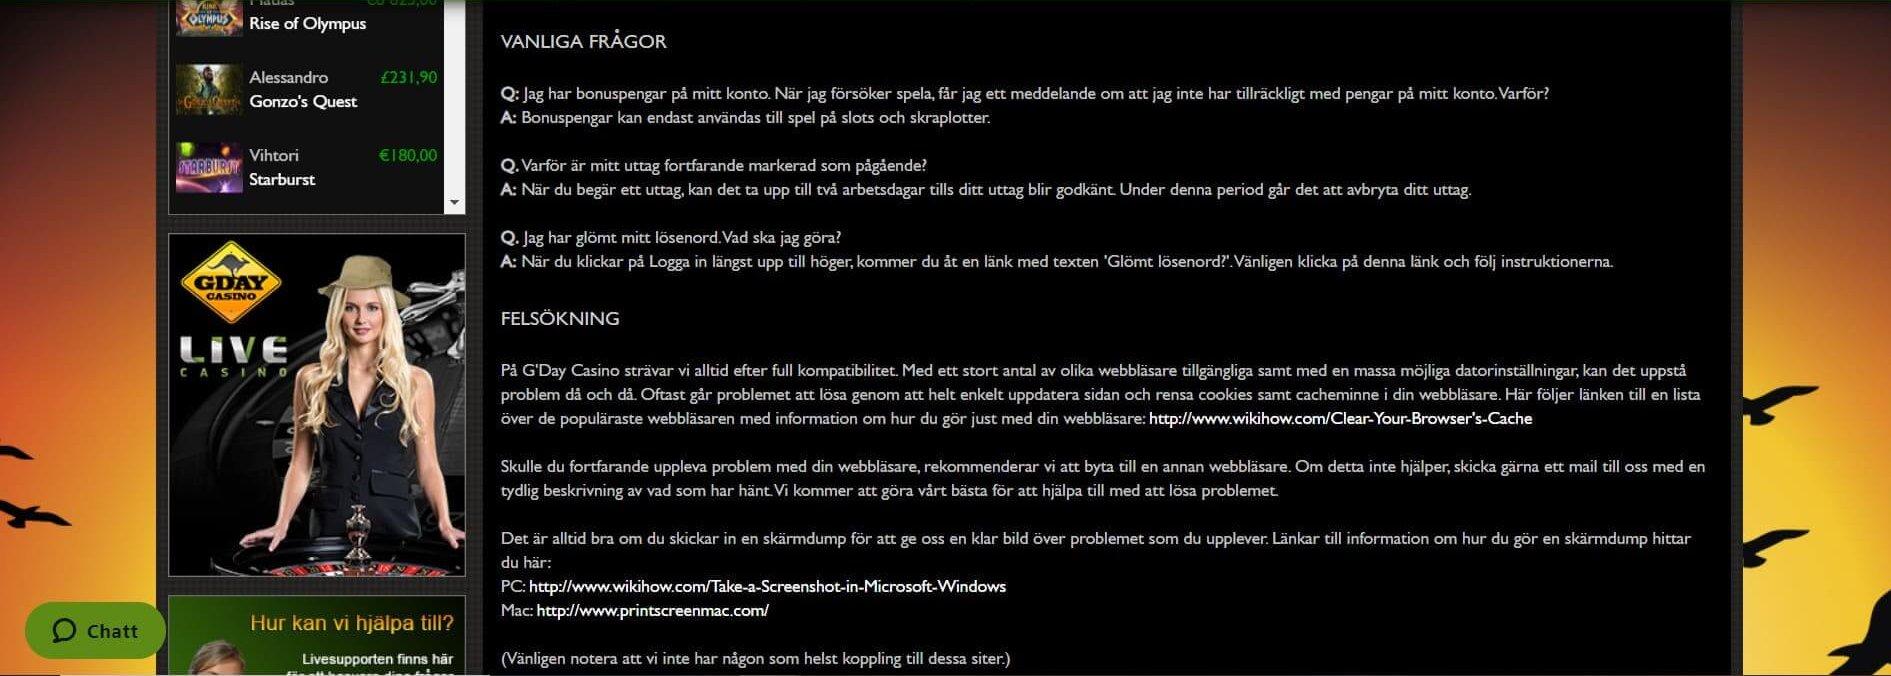 Stort minus för G'Day Casino FAQ men ett plus för info kring felsökning